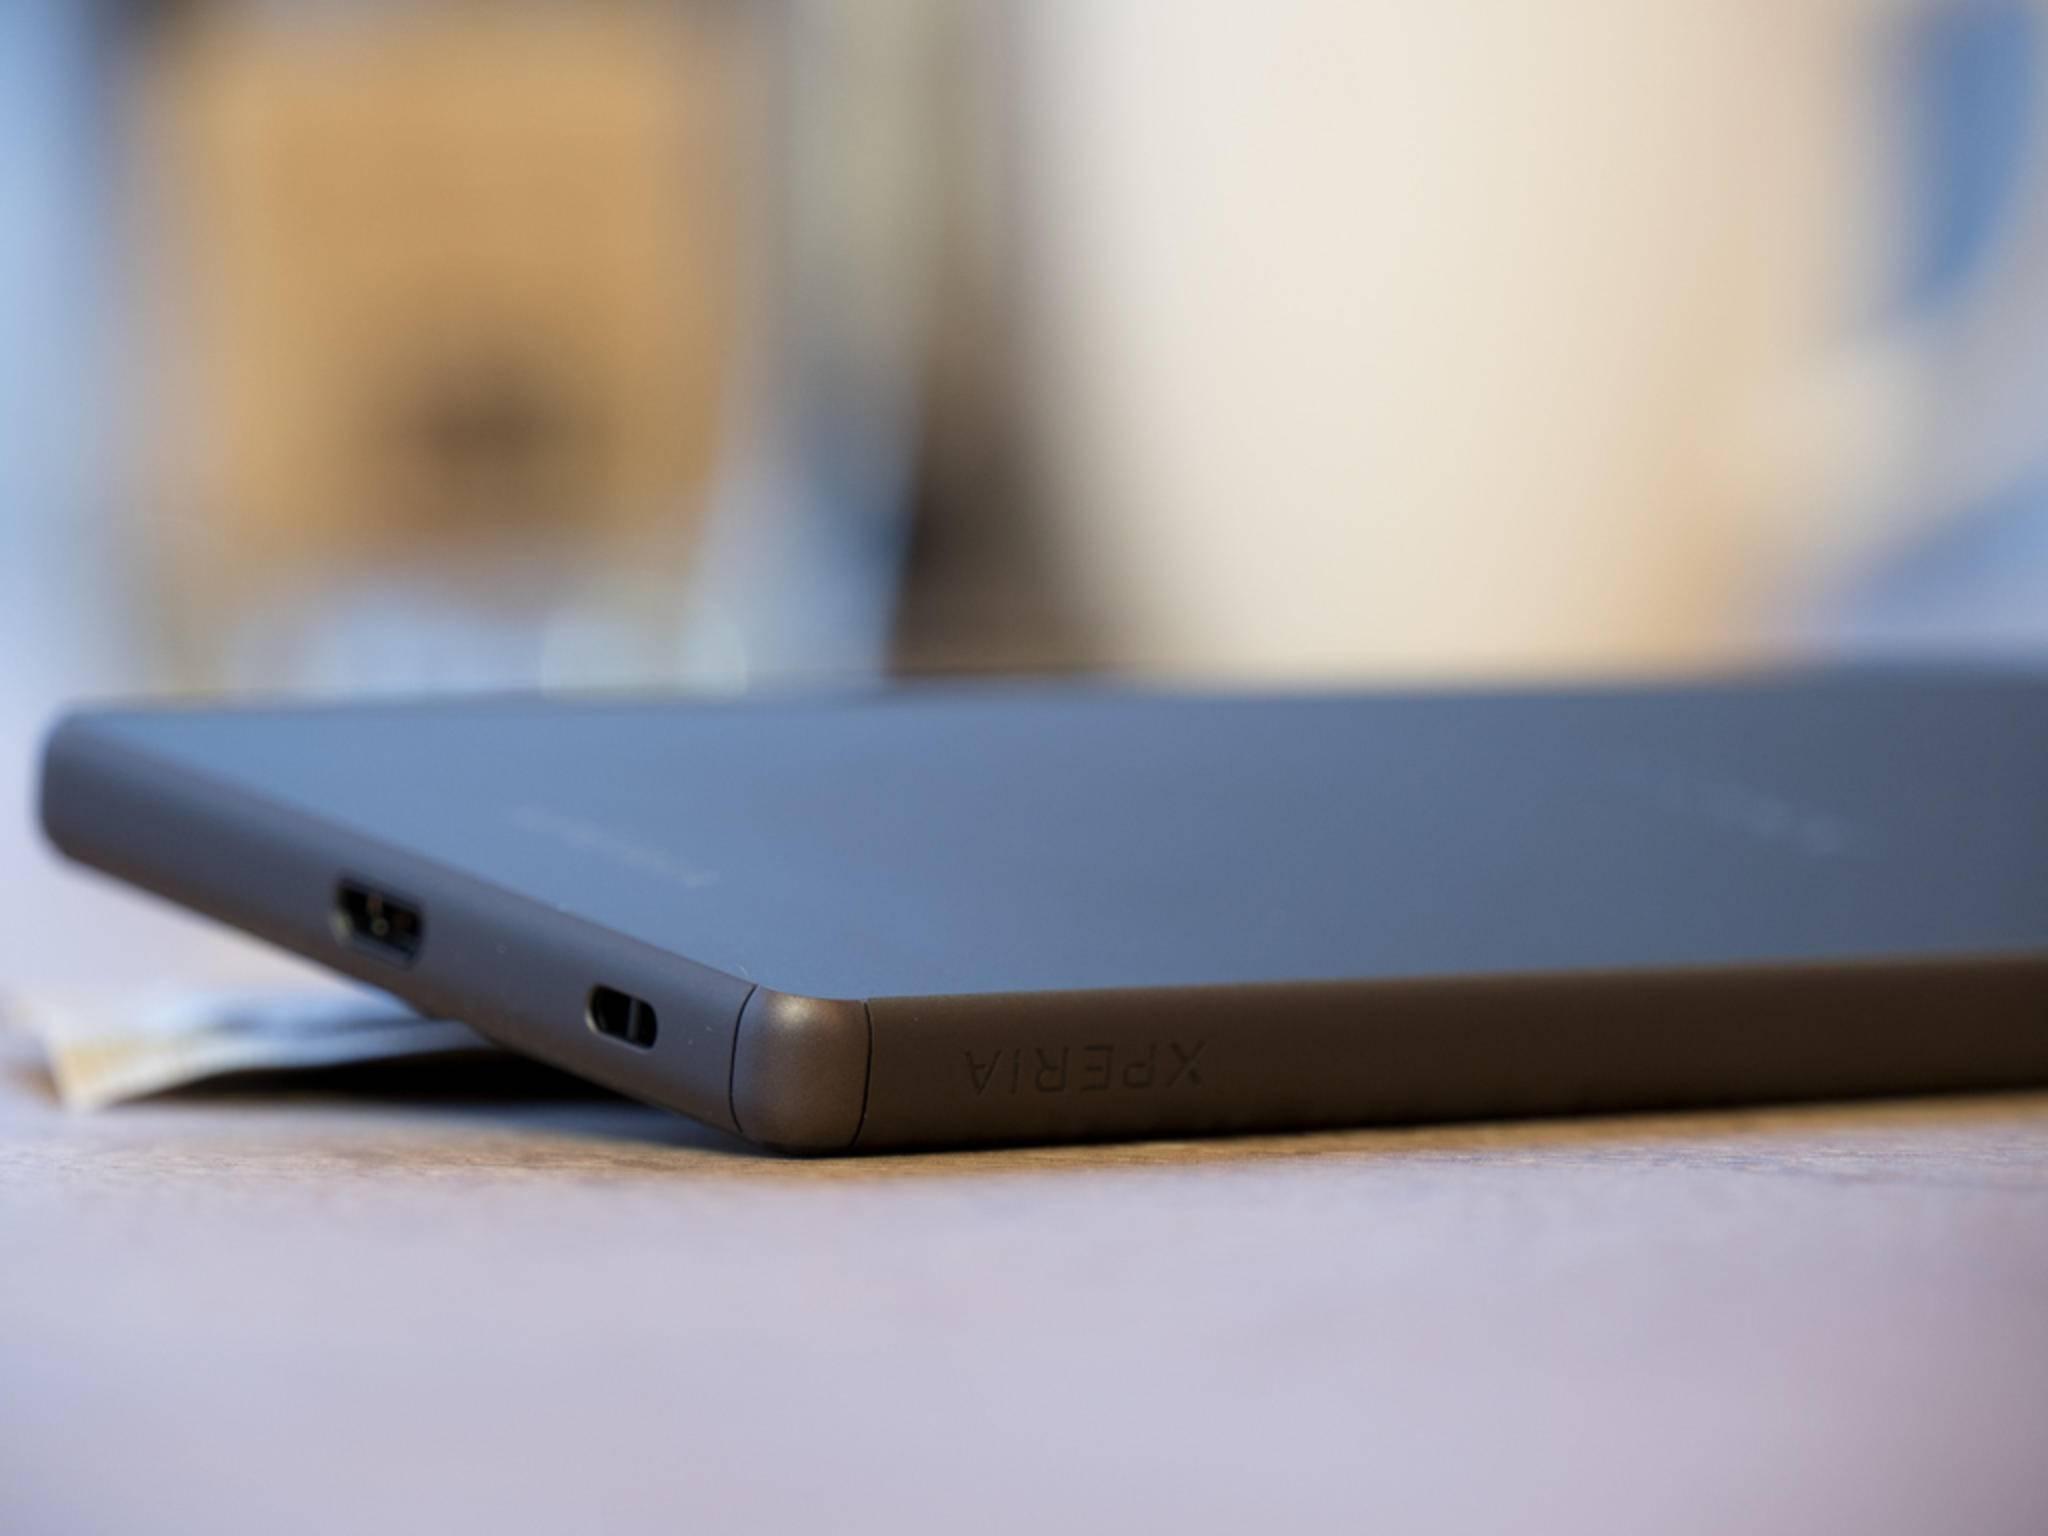 Sony Xperia Z5 8